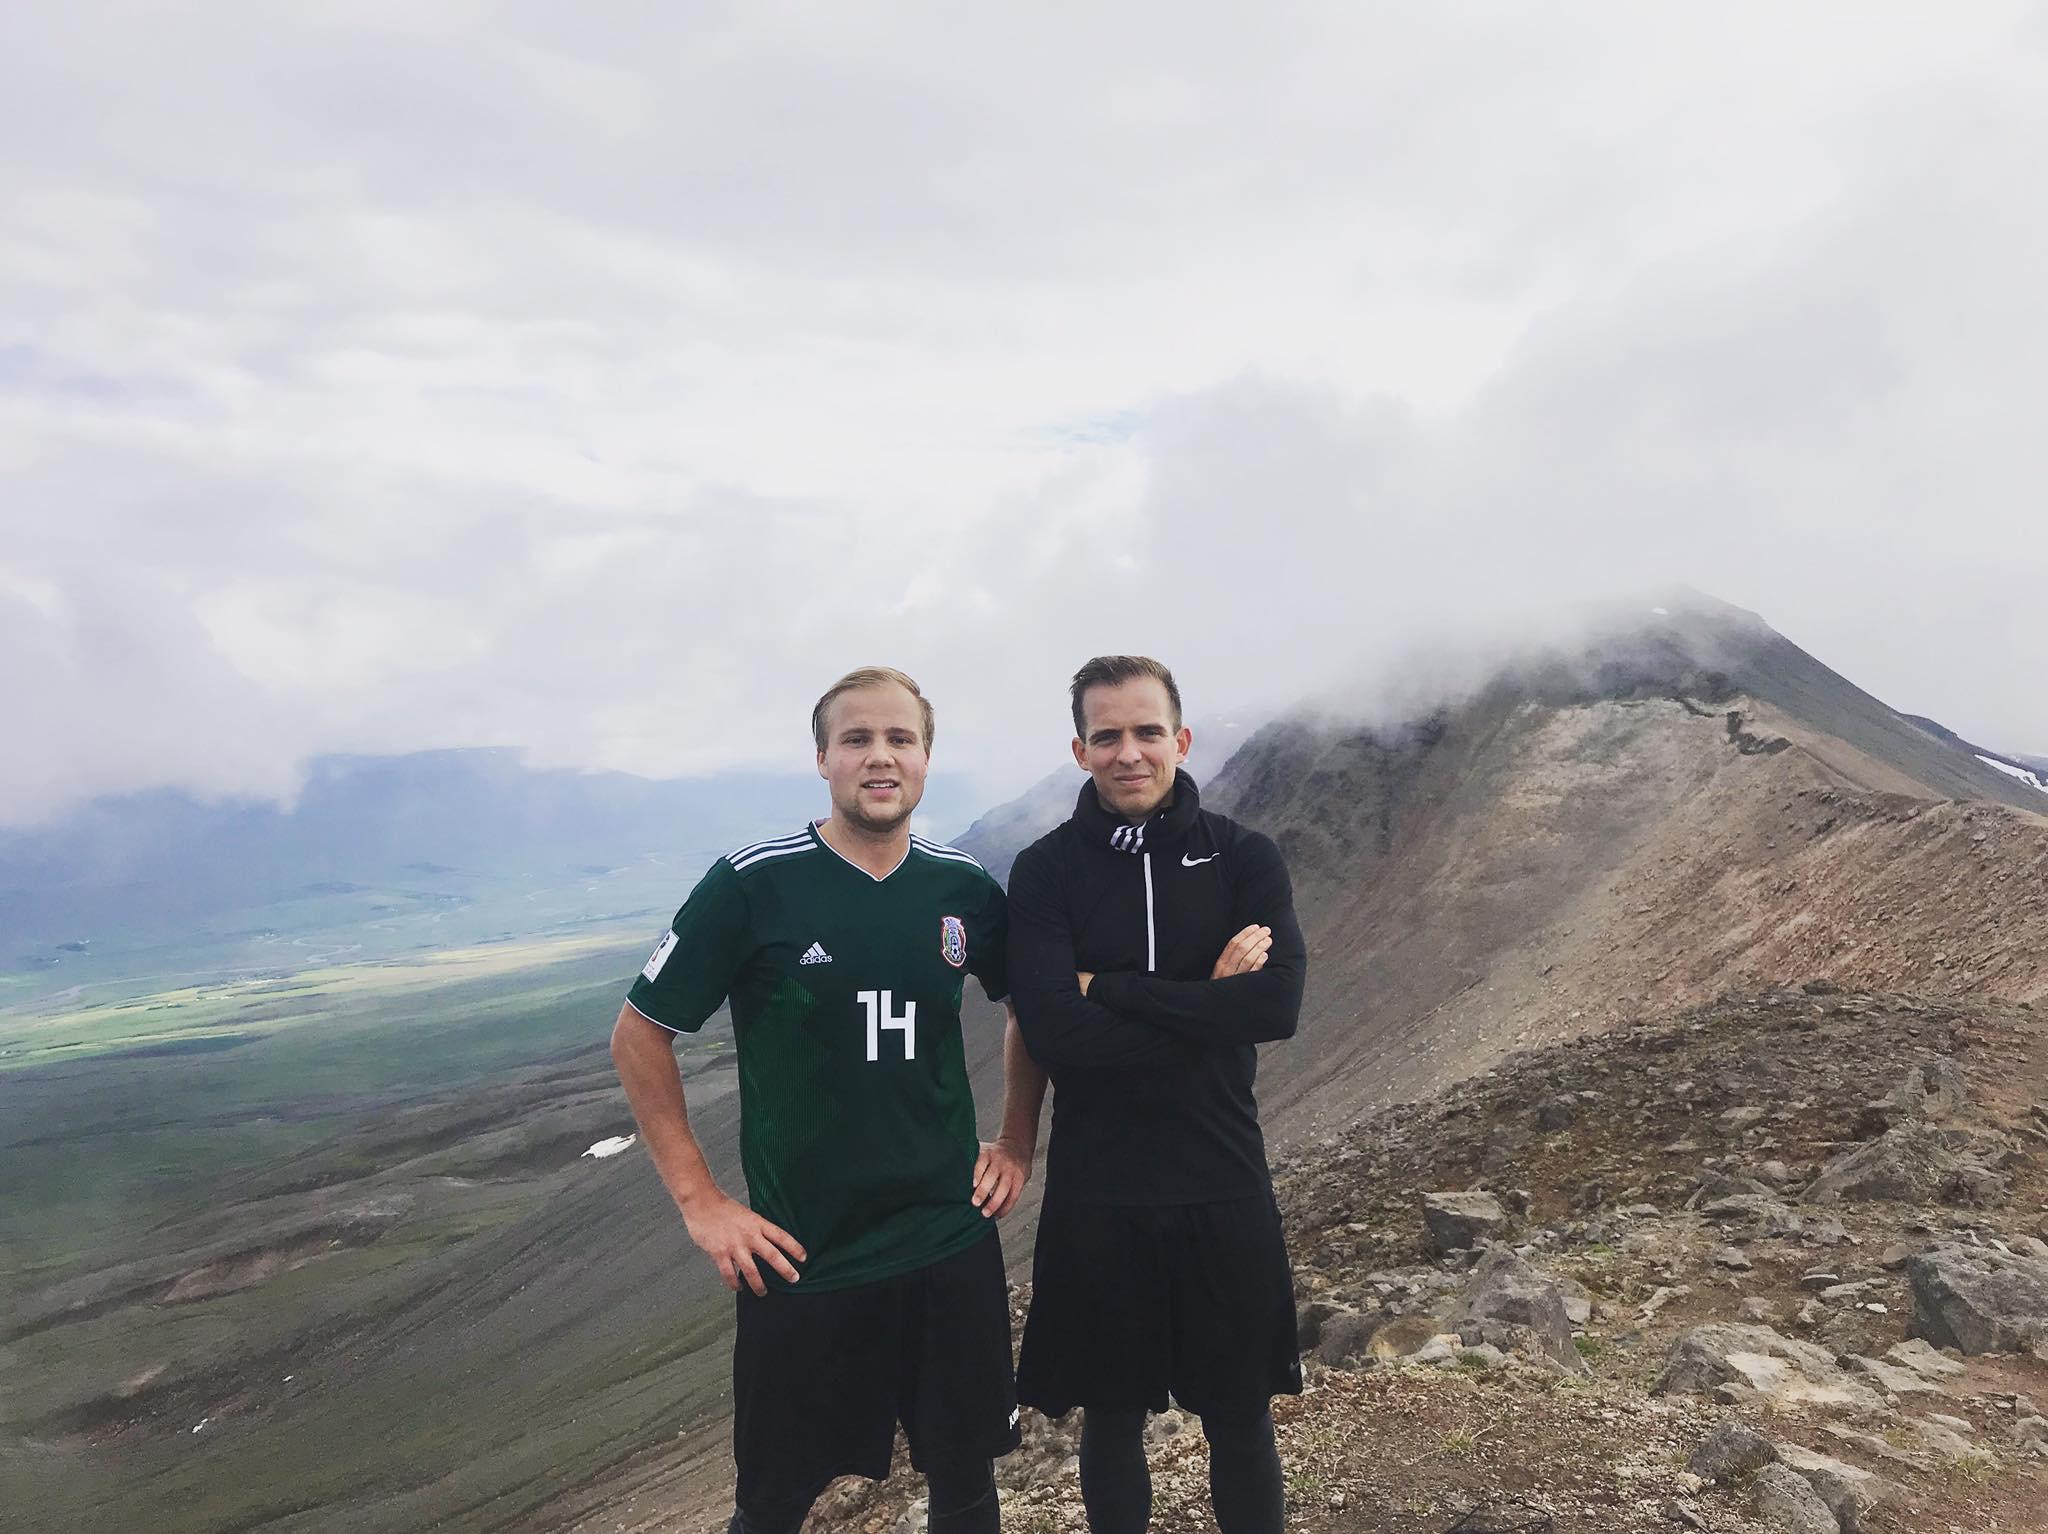 Boltinn á Norðurlandi: Gary pirraður – Addi og dyravörðurinn unnu sigur